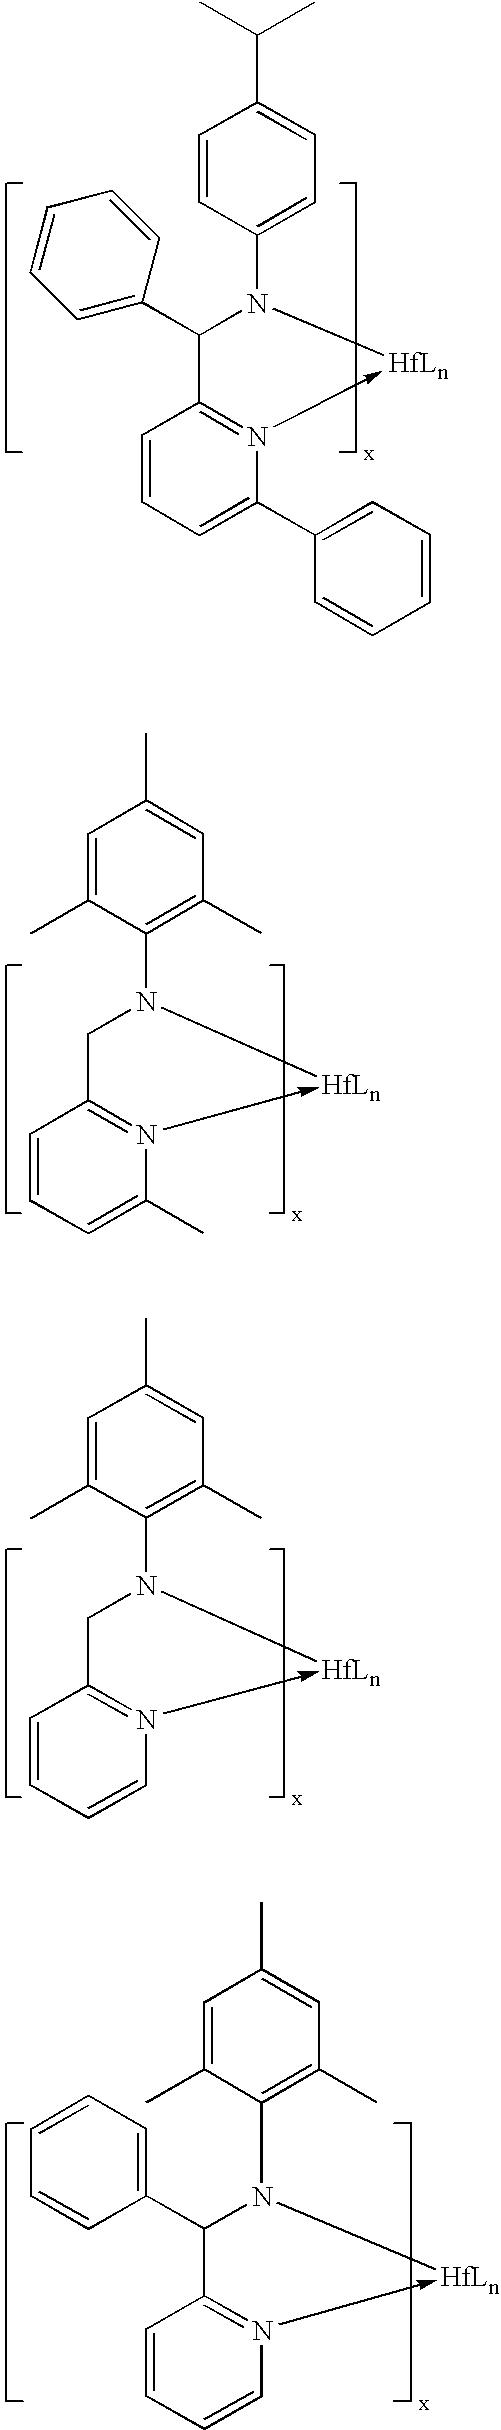 Figure US20050245686A1-20051103-C00016